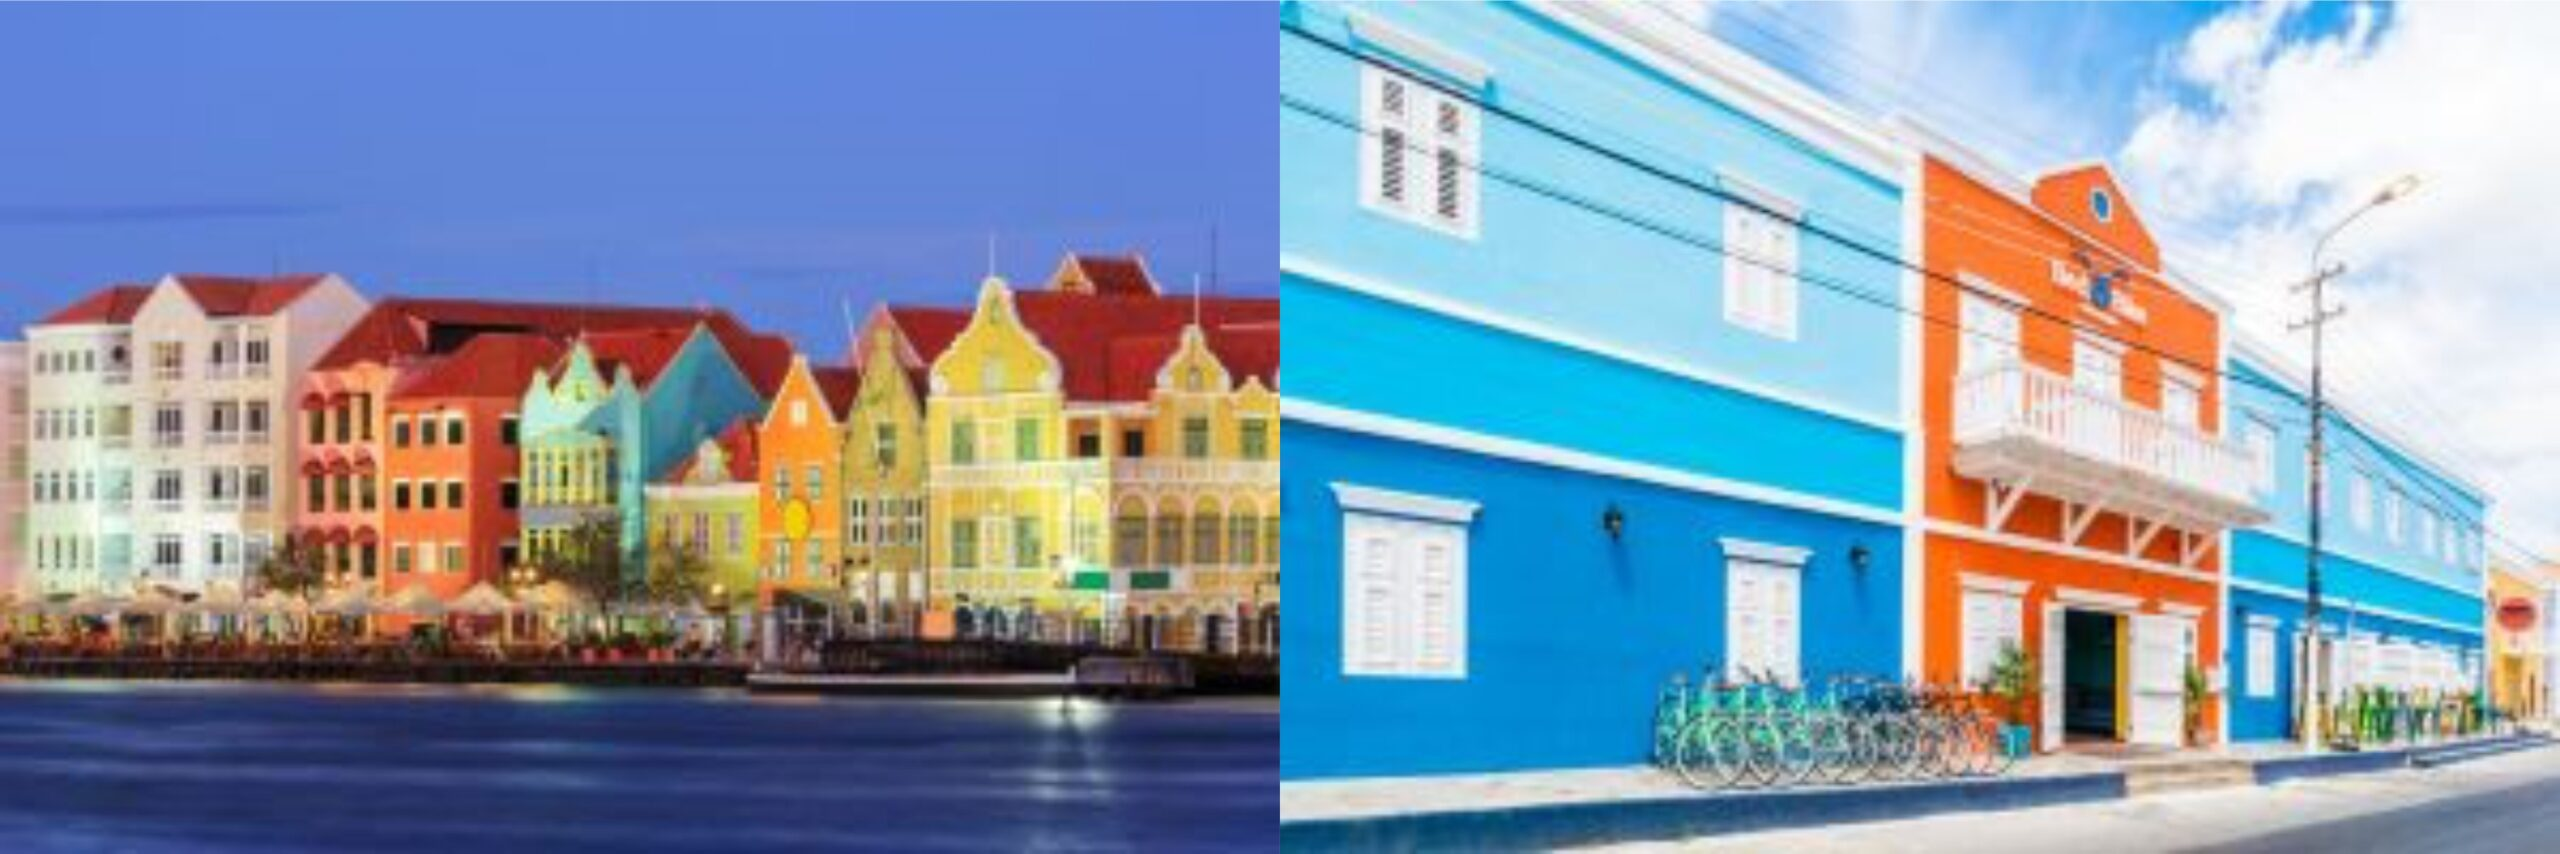 Booking.com selecionou 6 lugares coloridos ao redor do mundo